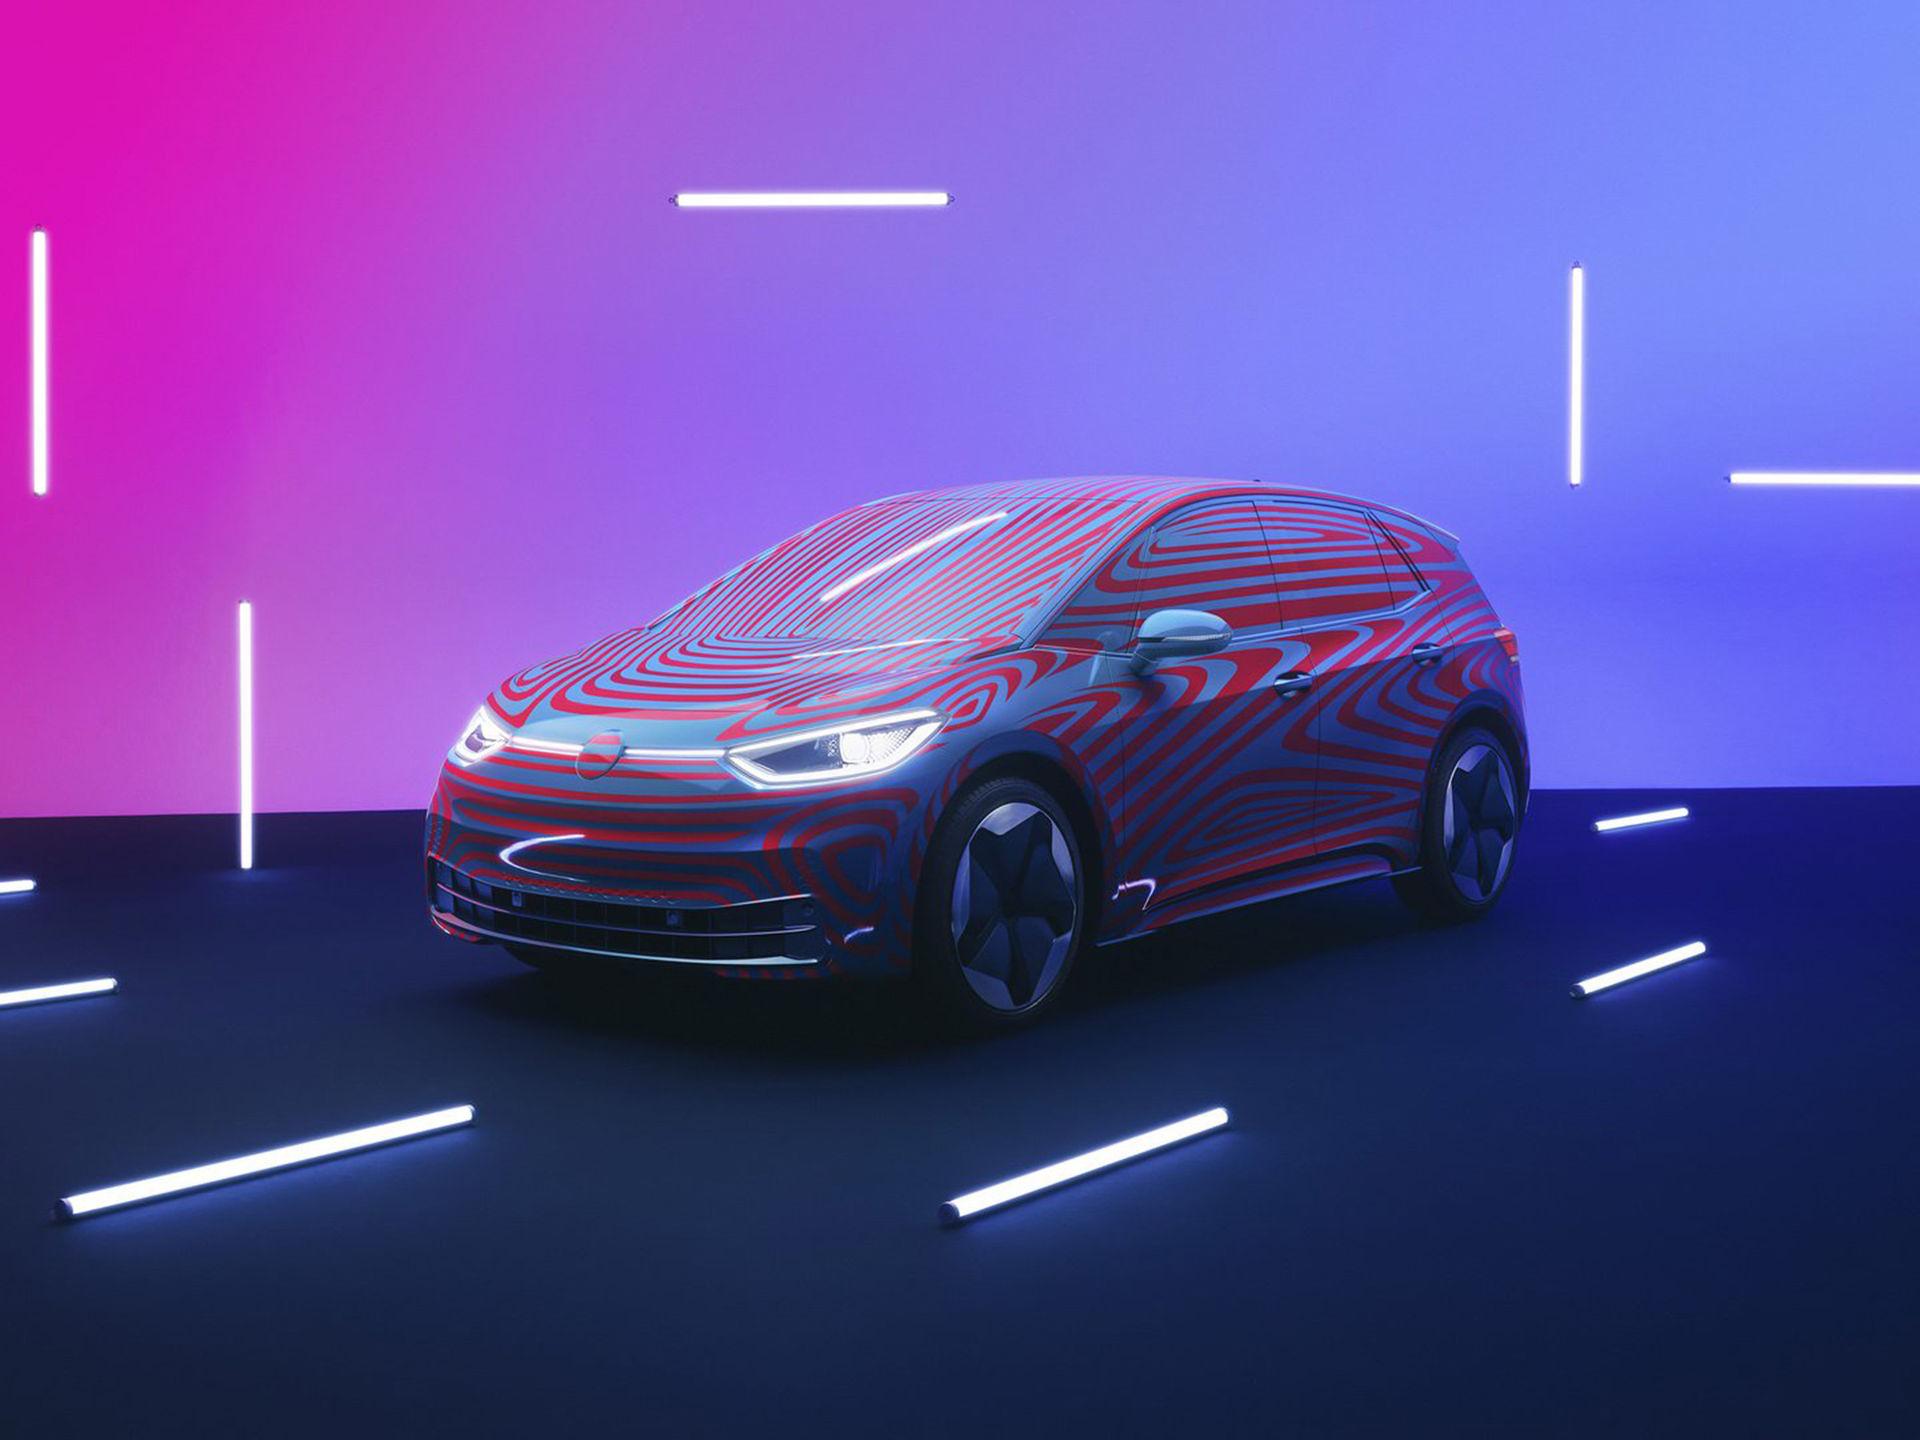 Namnet på Volkswagens nya elbil är ID.3